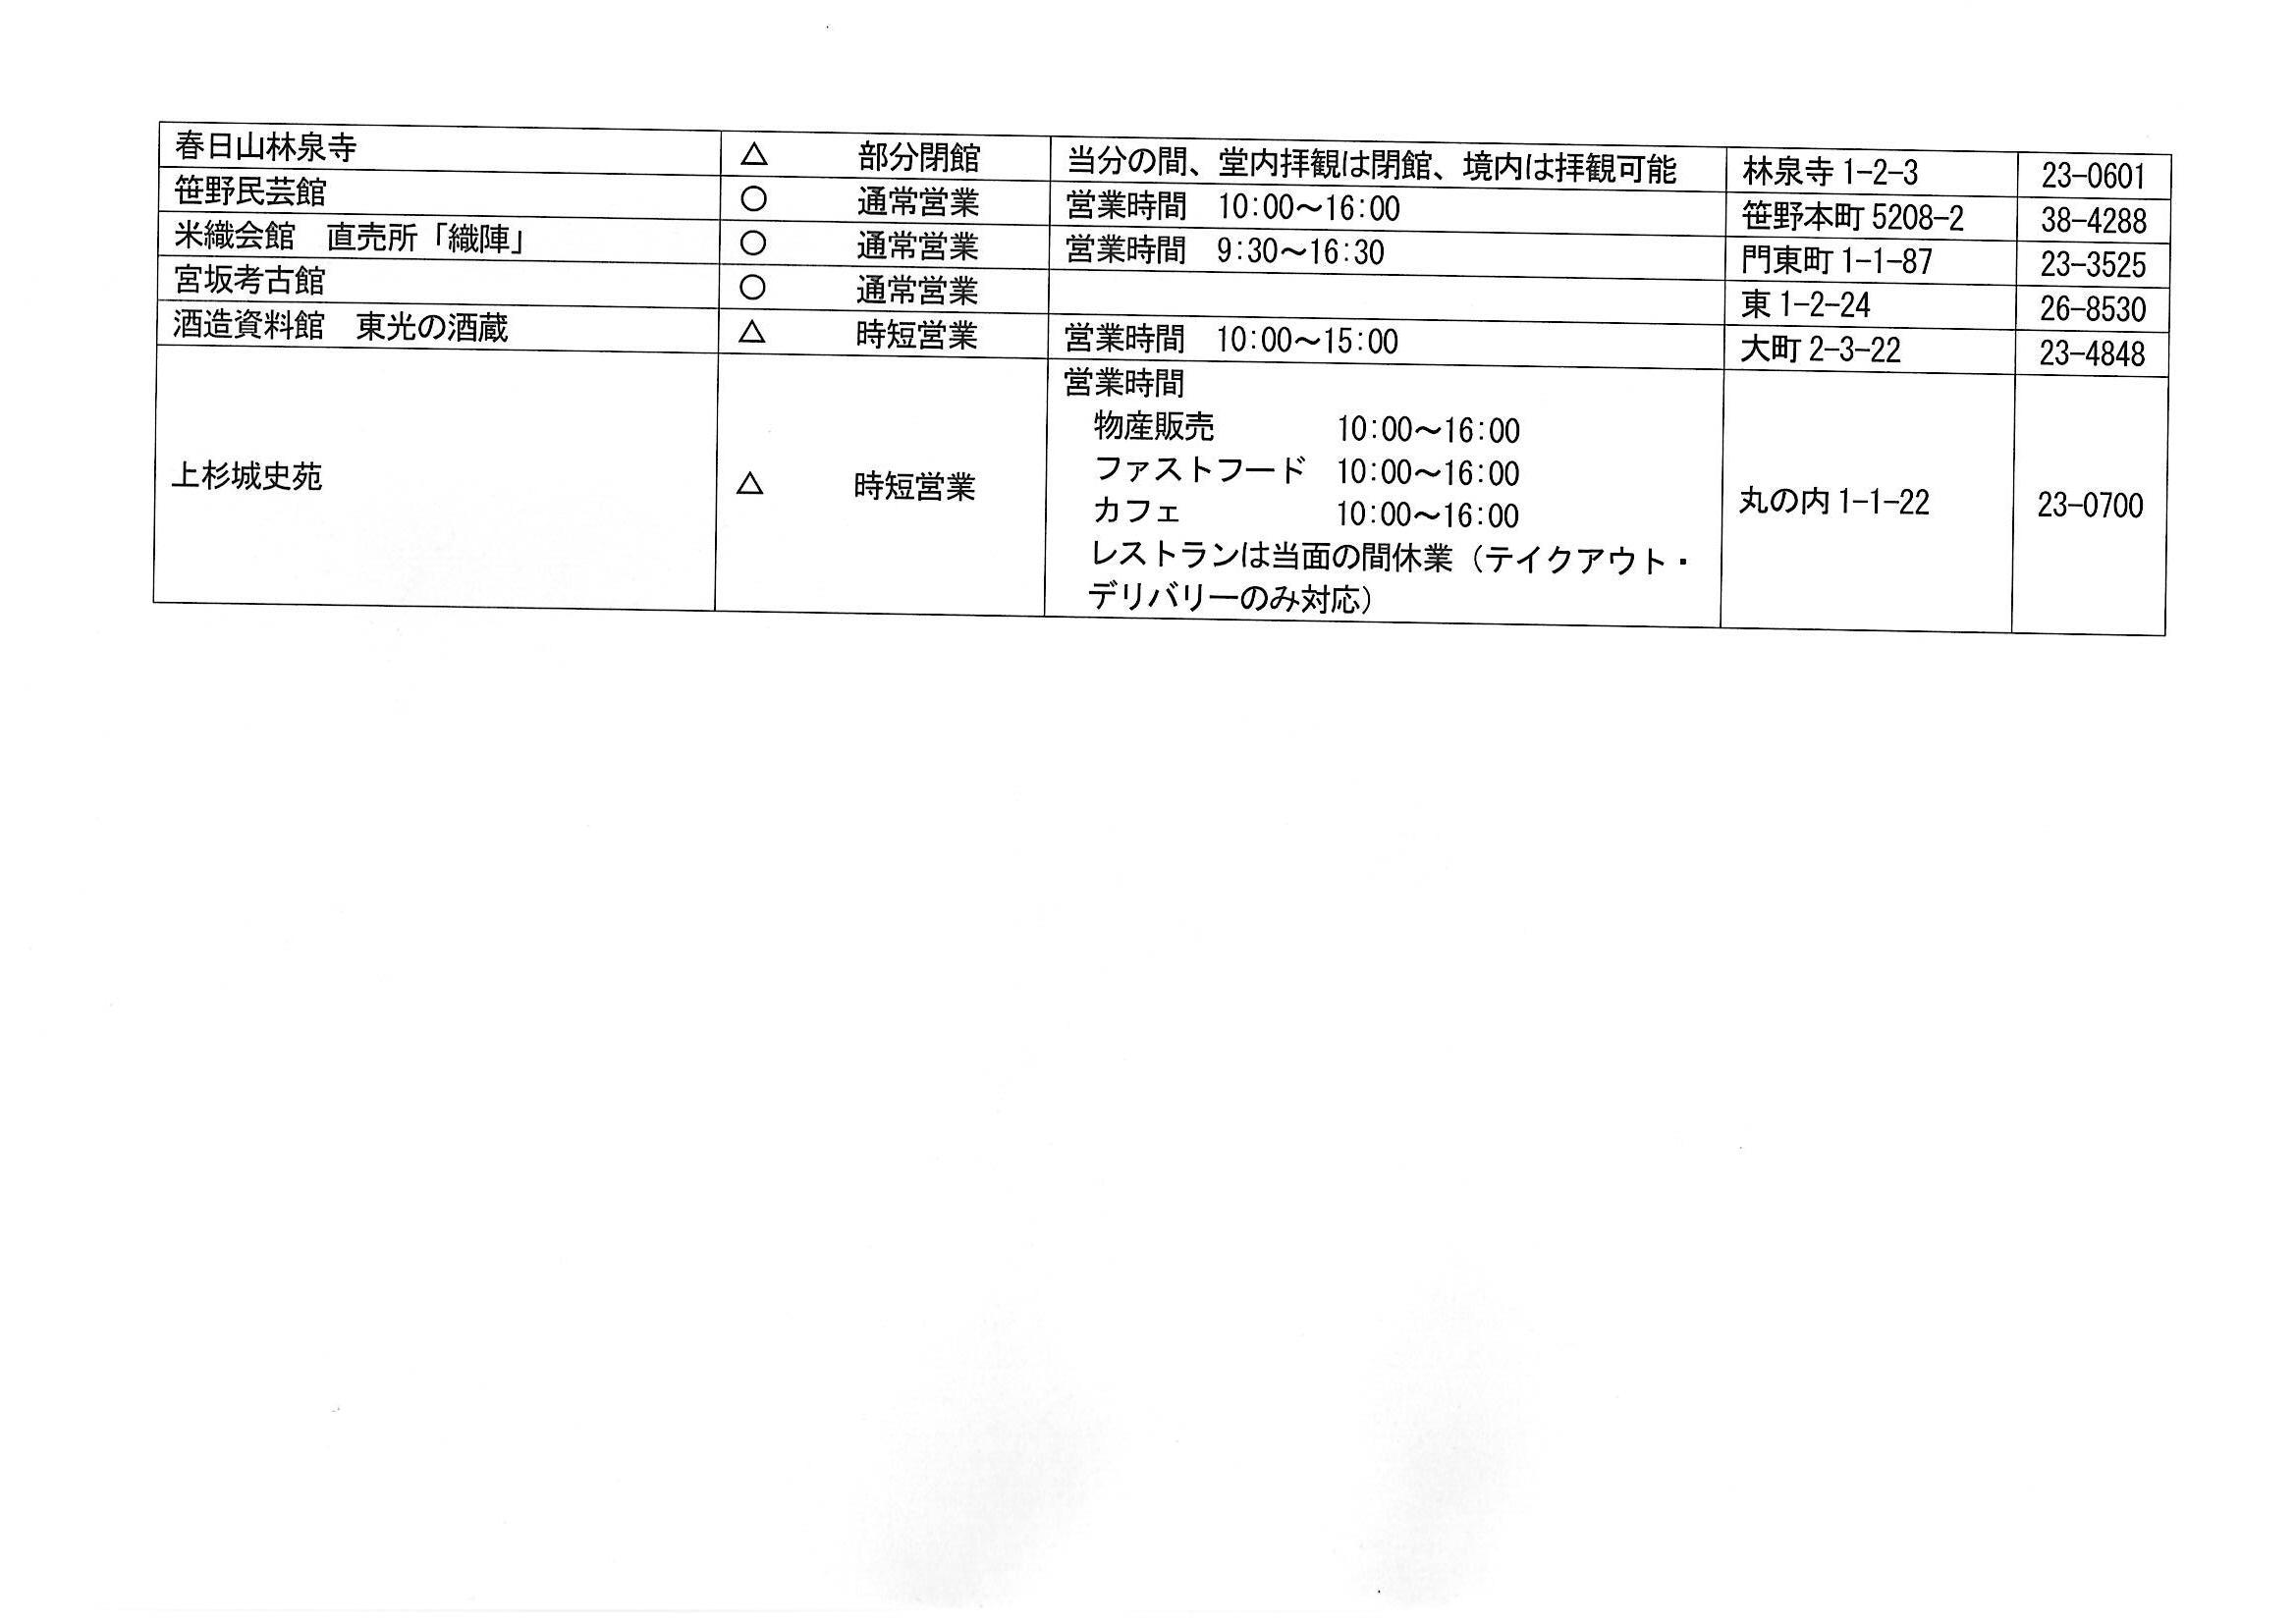 新型コロナウイルスの影響による米沢市内主要施設の営業状況(6月1日現在)